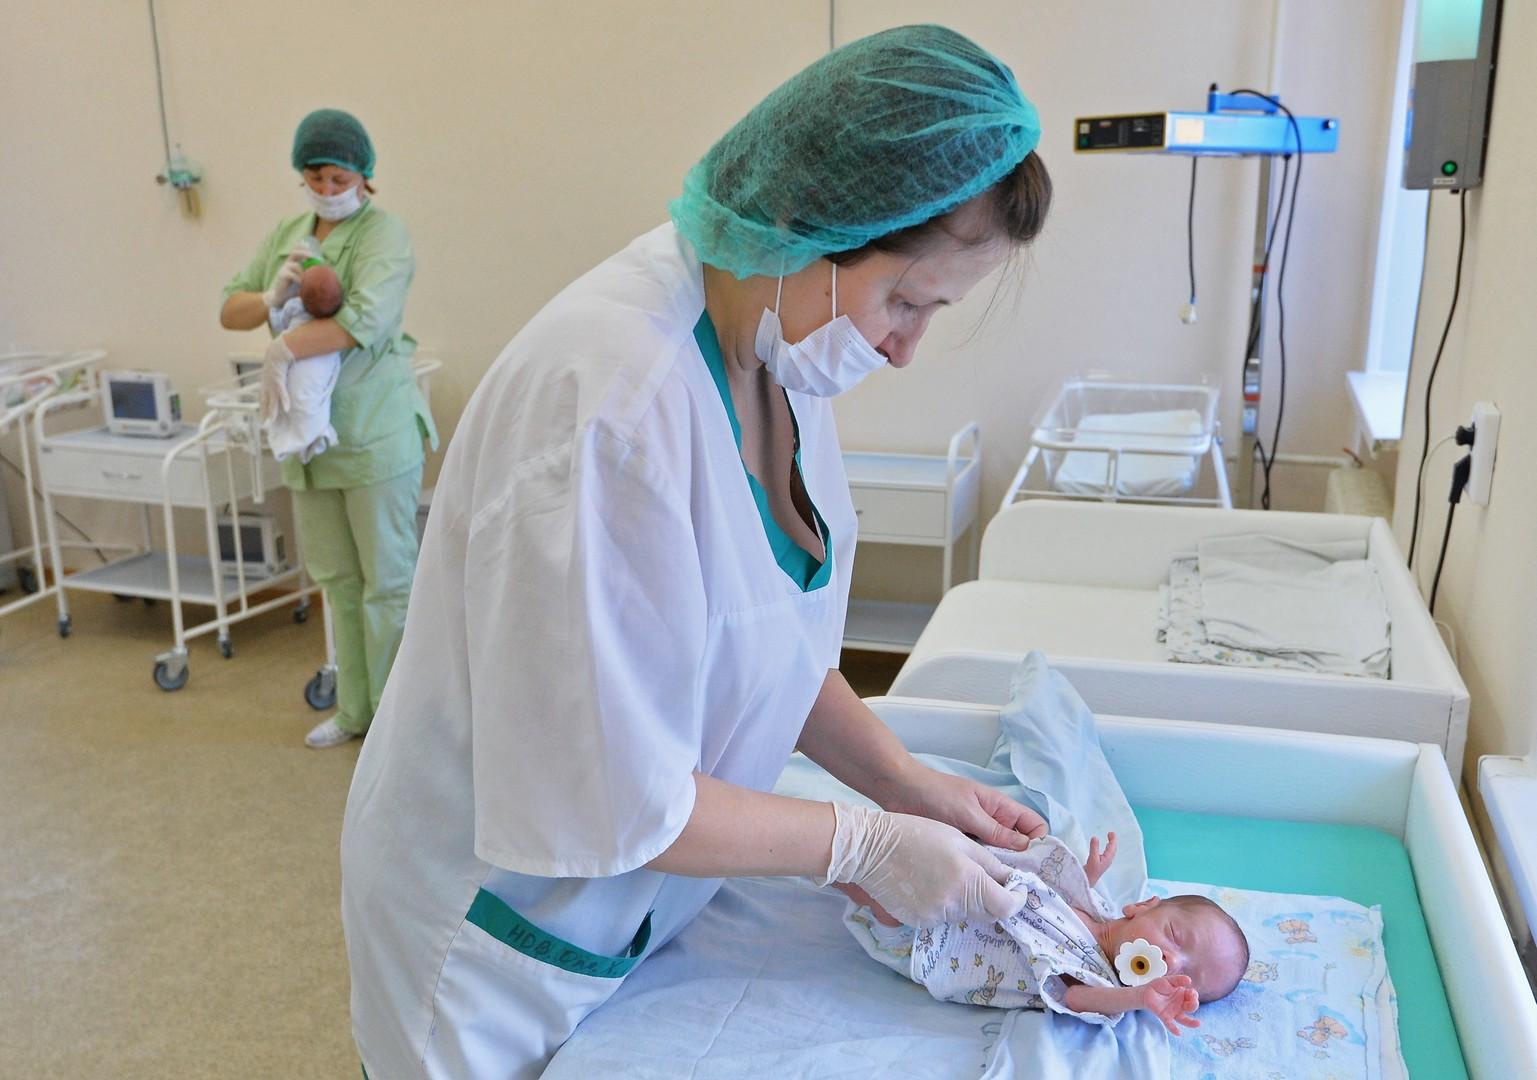 Atlantico: Пока в Европе процветает политкорректность, в России растёт рождаемость